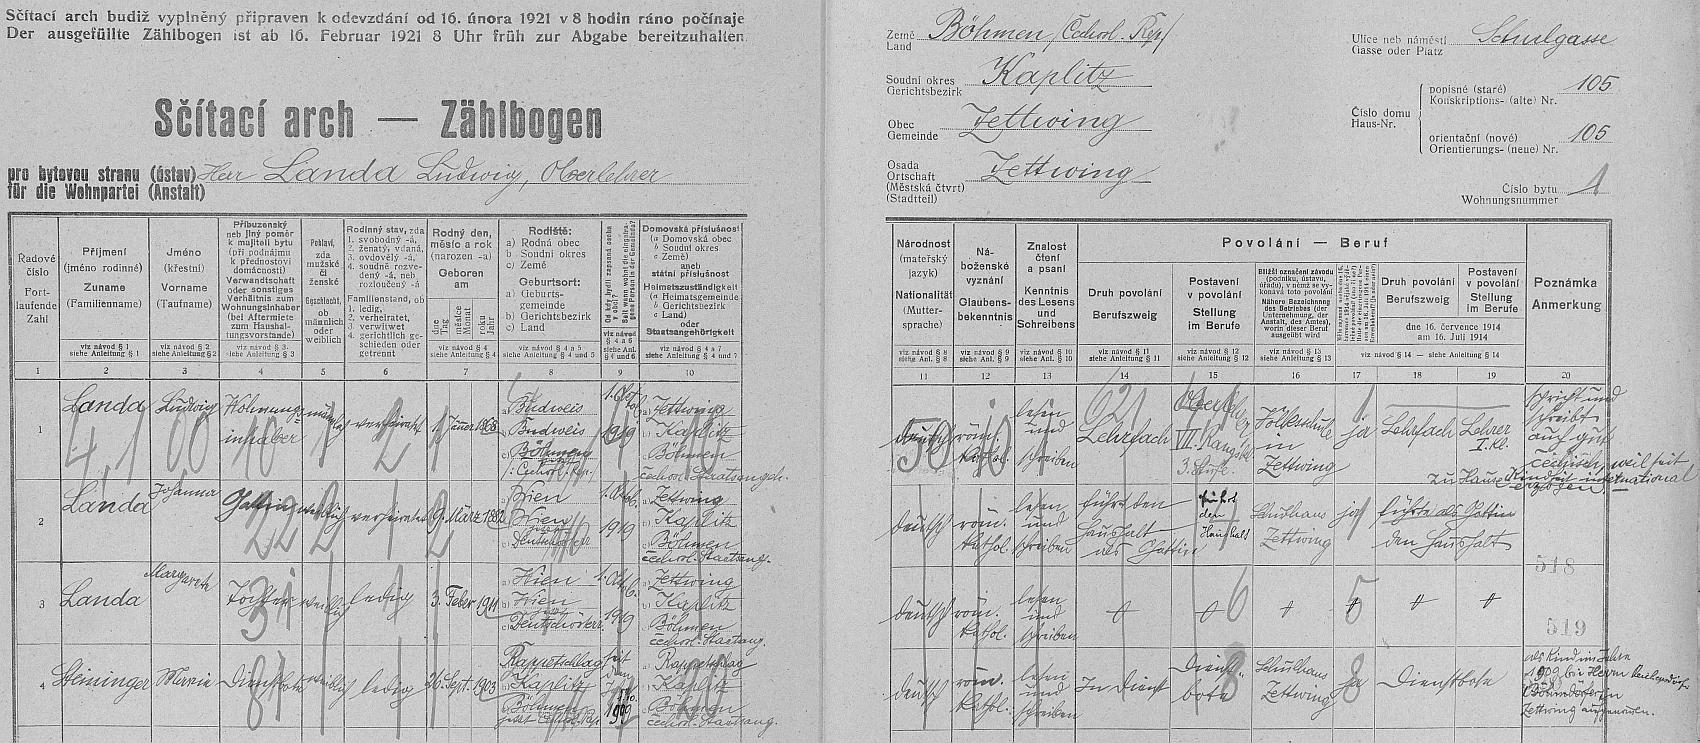 Arch sčítání lidu z roku 1921 pro adresu Cetviny, Školní ulice čp. 105, kde bydlel se svou ženou Johannou, dcerou Margarete a služkou Marií Steiningerovou z Rapotic (Rappetschlag)